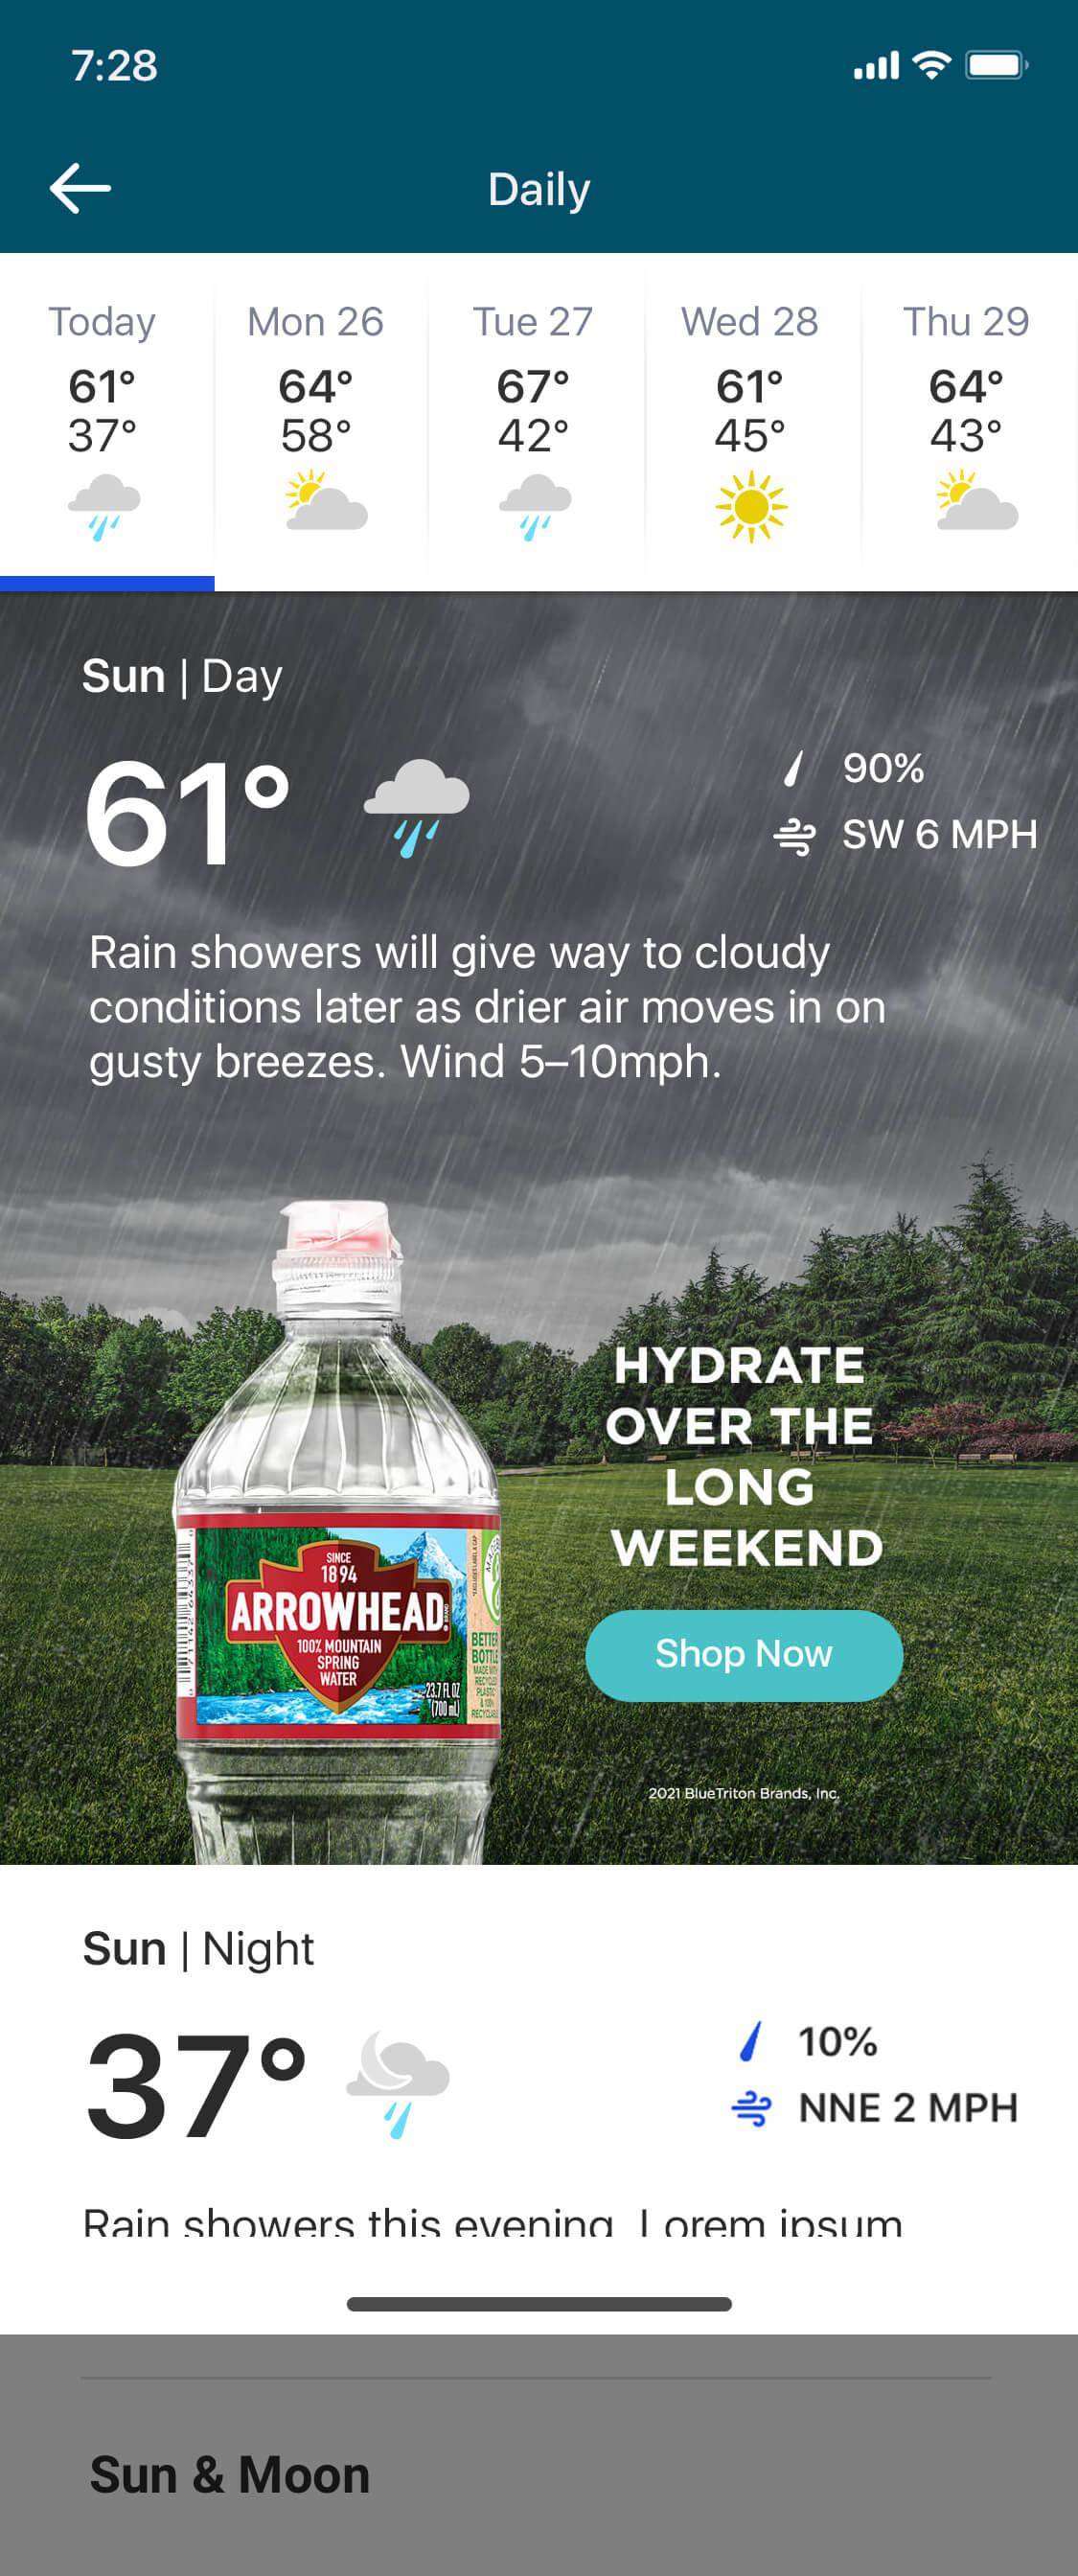 AH-Blue_Triton-Labor-Day-week_ahead-rain-d